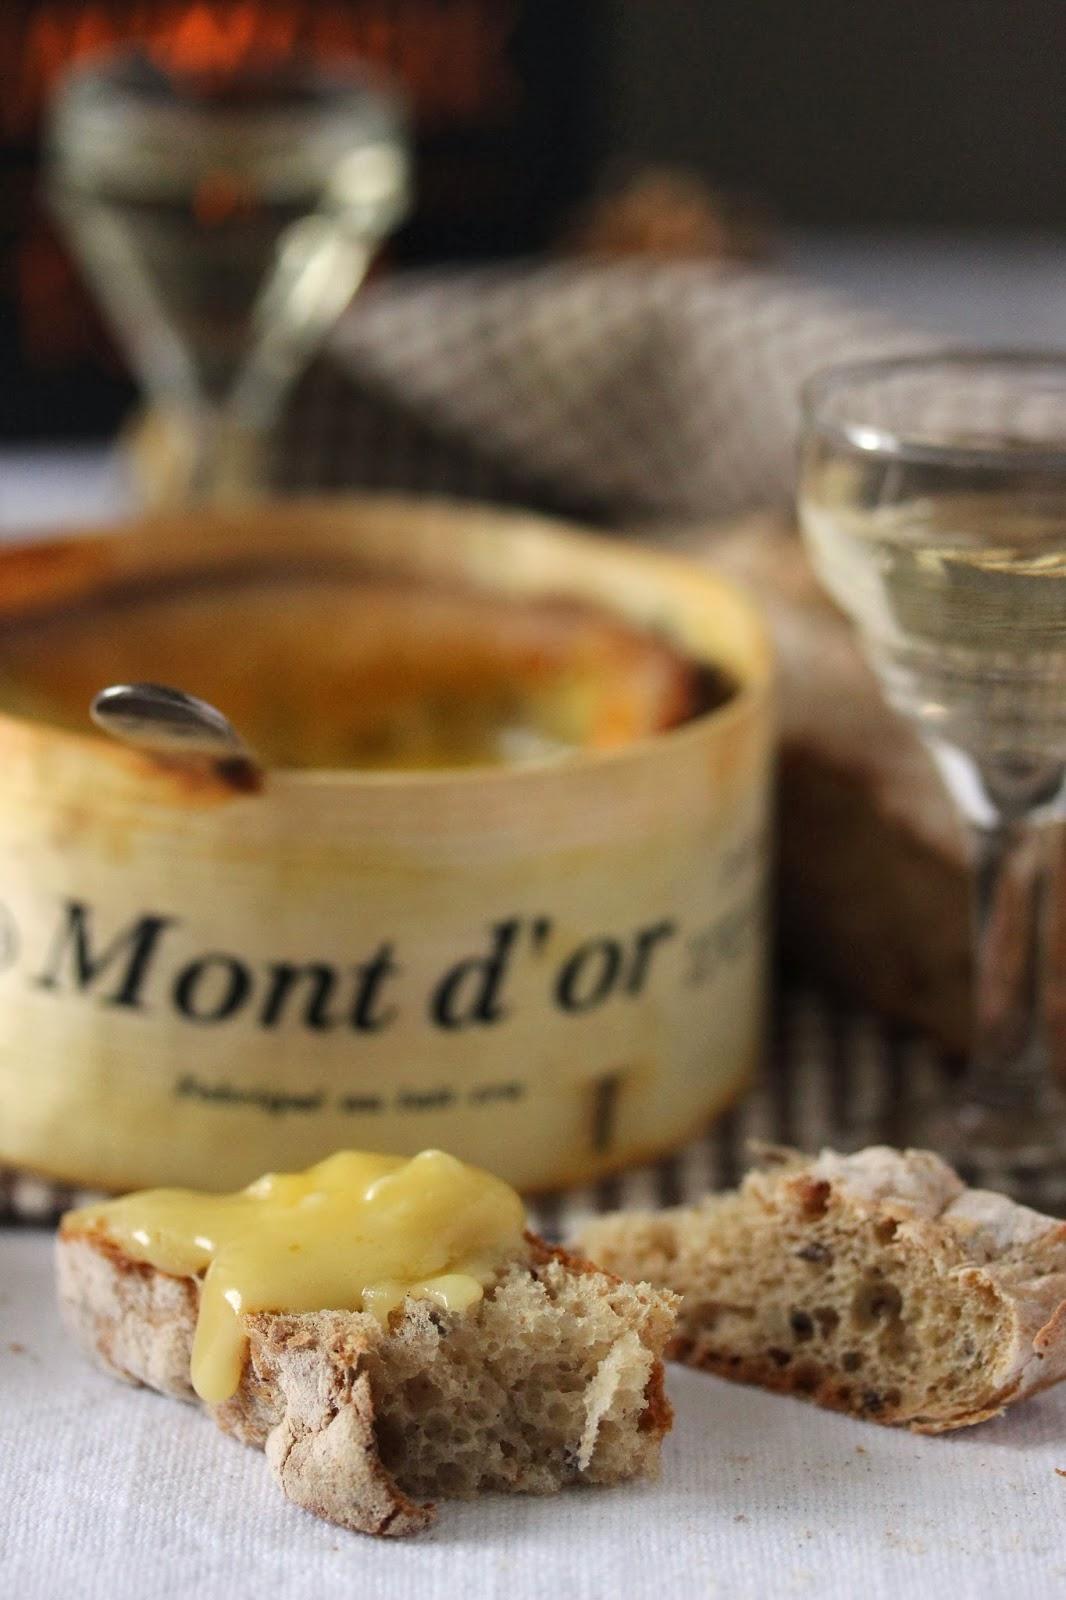 Dans la cuisine de sophie mont d 39 or au four - Mont d or au four ...